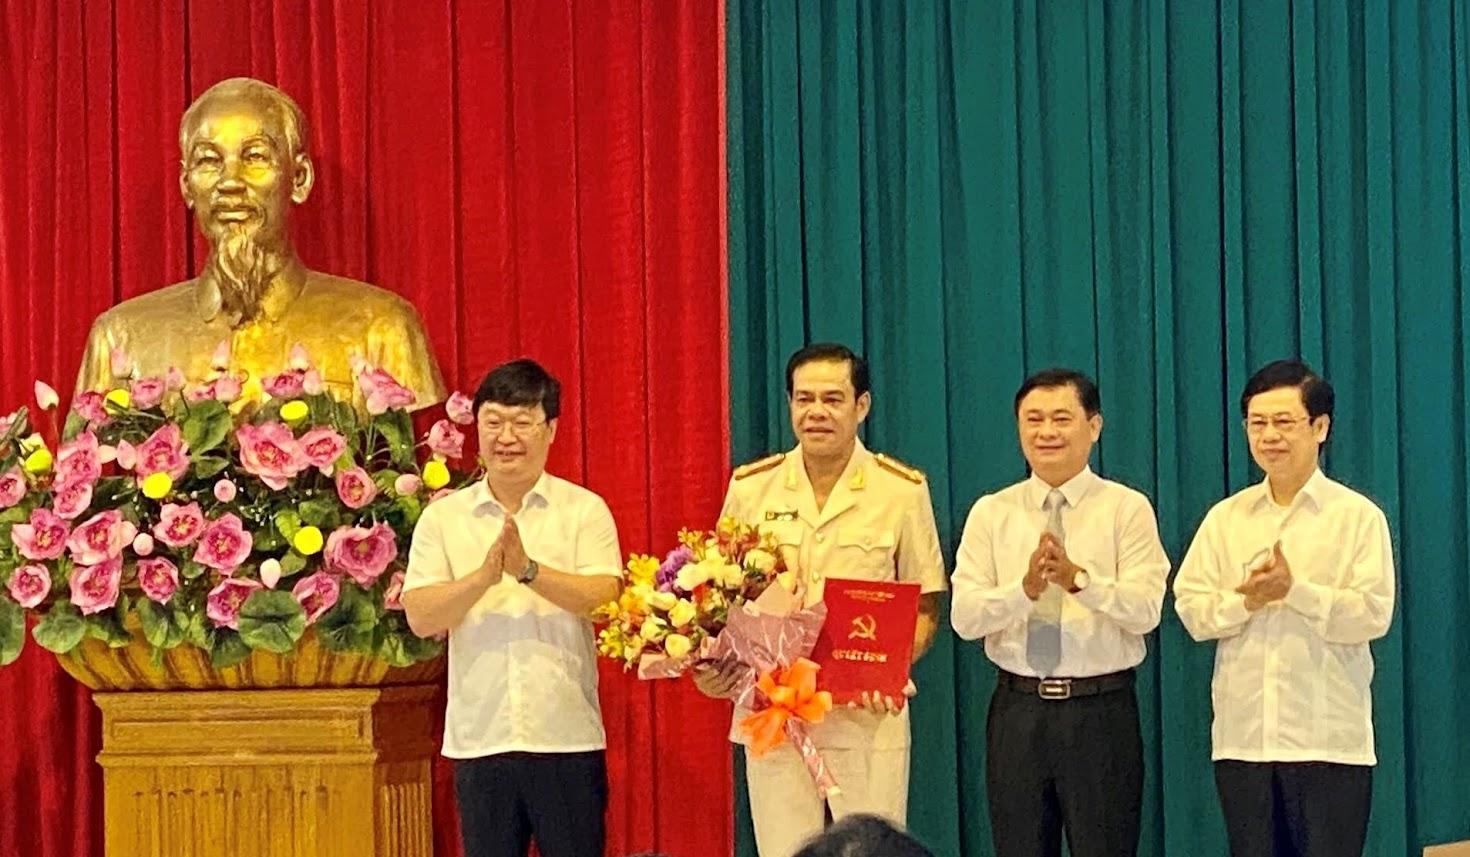 Các đồng chí Thường trực Tỉnh uỷ Nghệ An chúc mừng đồng chí Đại tá Võ Trọng Hải